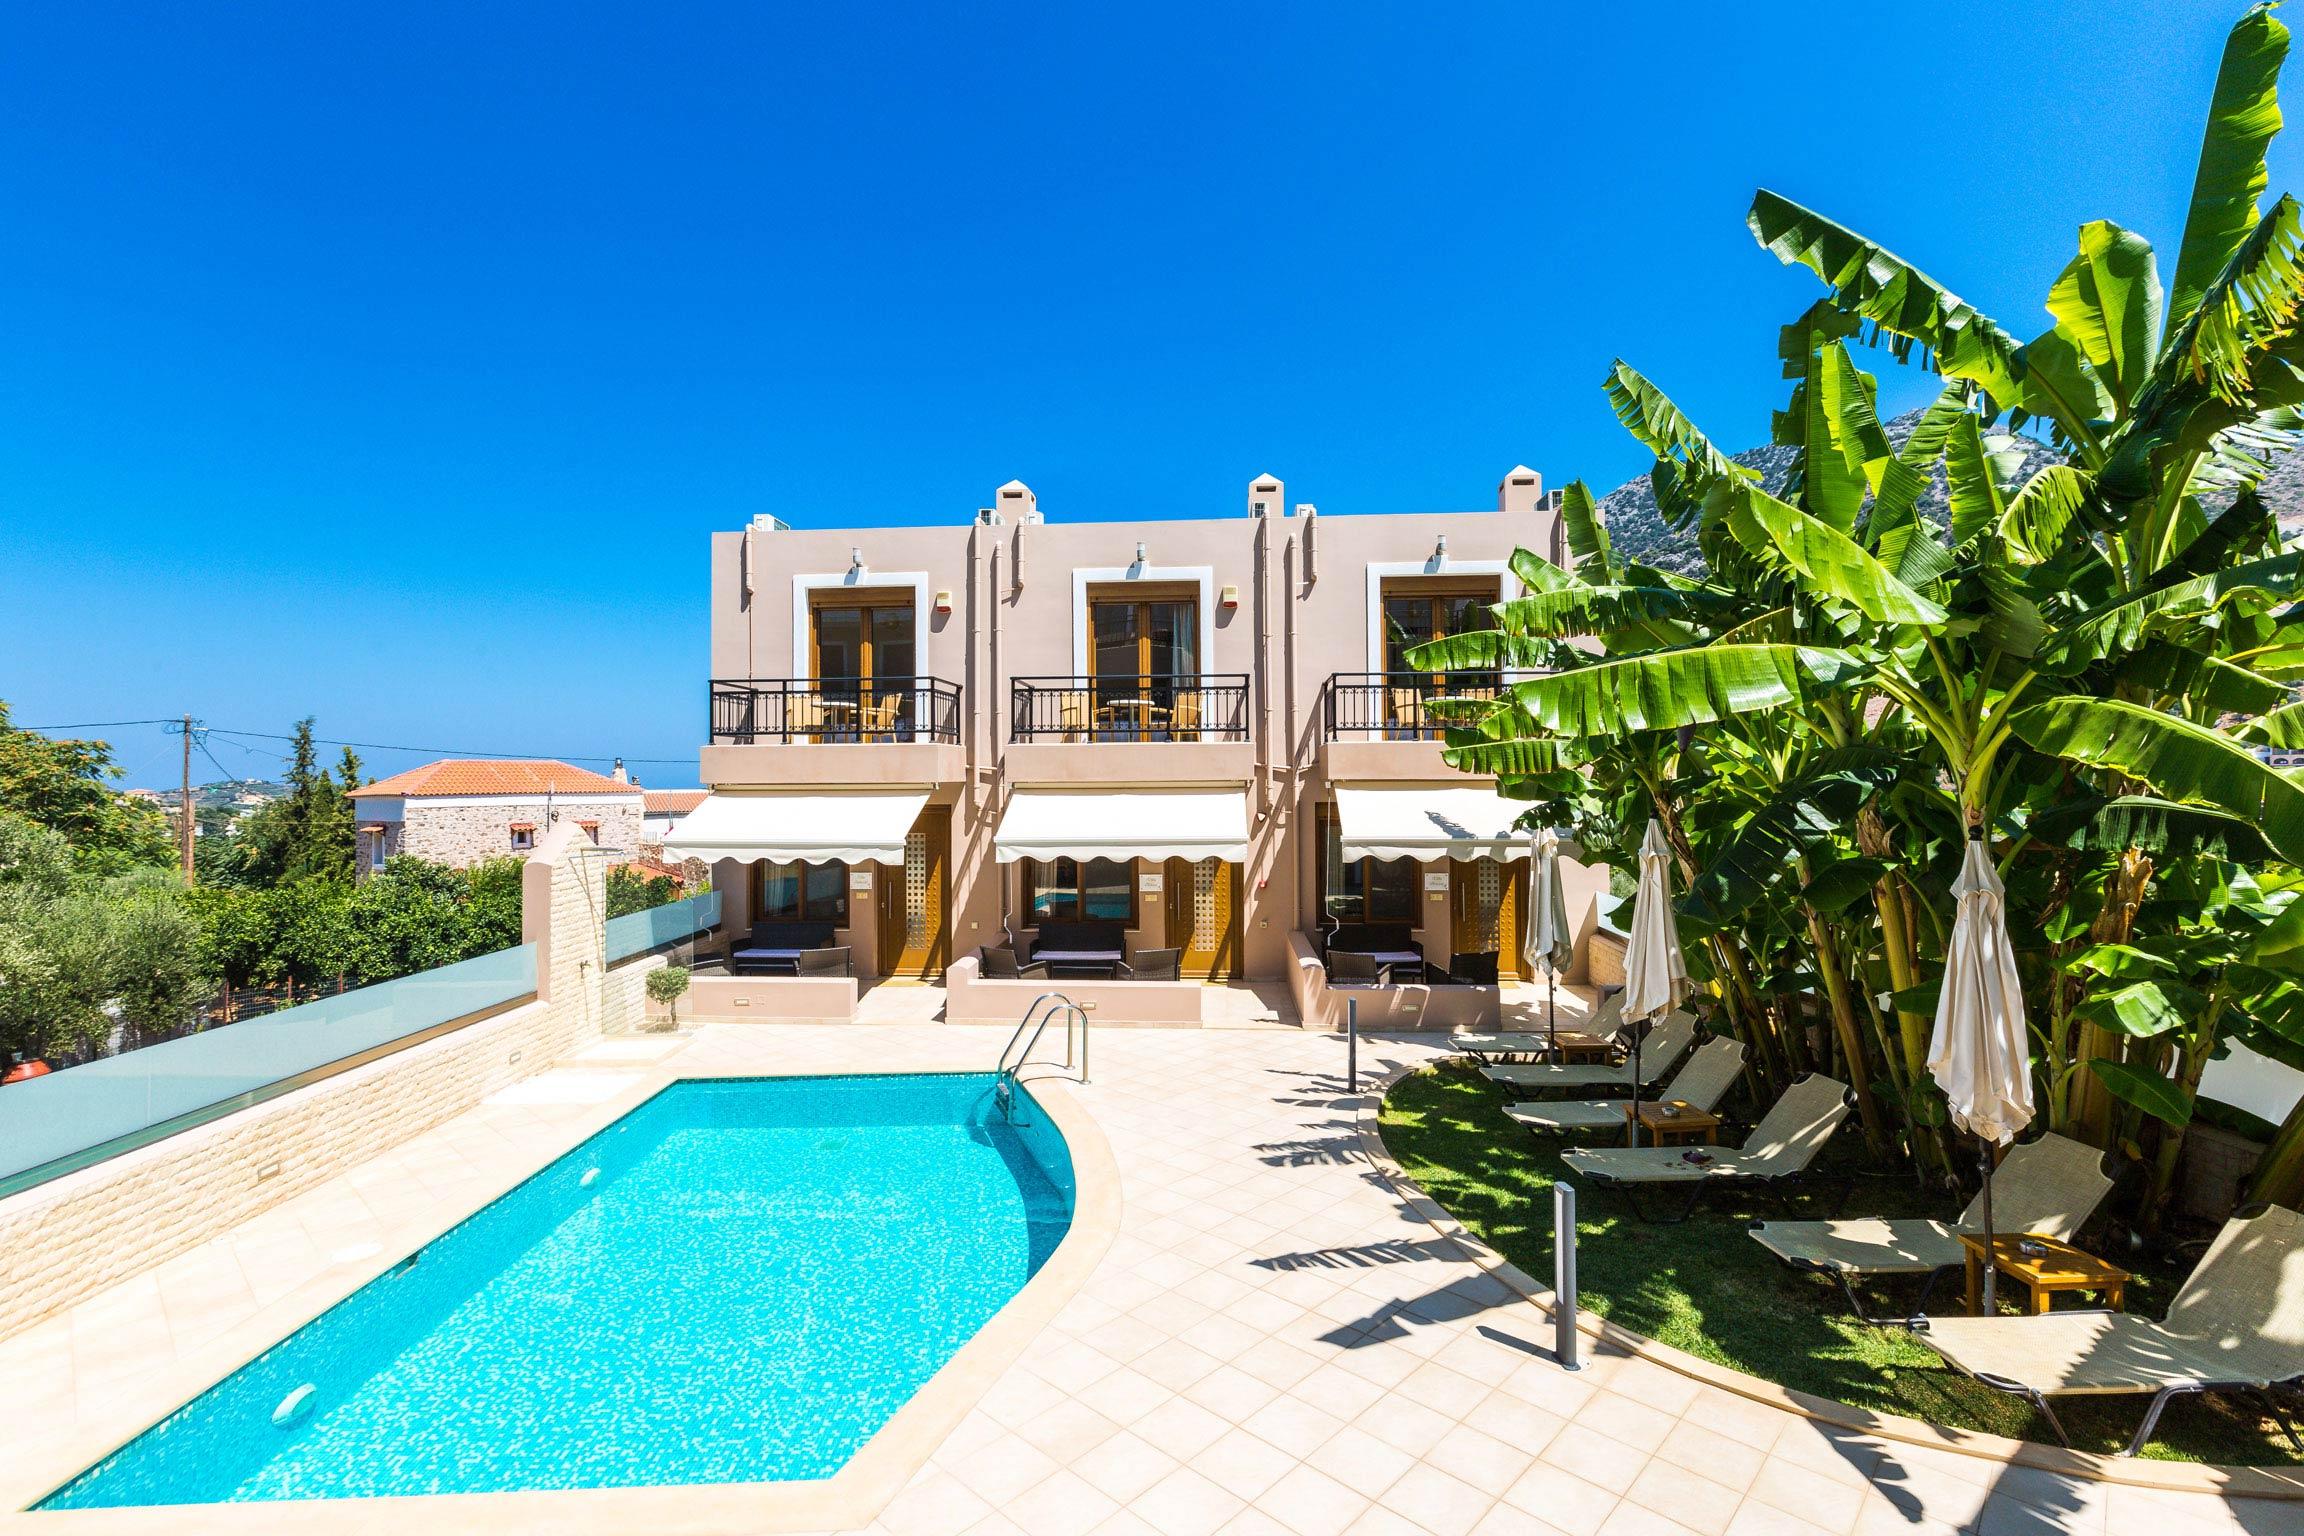 Ferienhaus Diese Villa auf zwei Ebenen ist der perfekte Ort, um in Rethymnon auf Kreta weh zu bleiben (2623387), Roumeli, Kreta Nordküste, Kreta, Griechenland, Bild 14